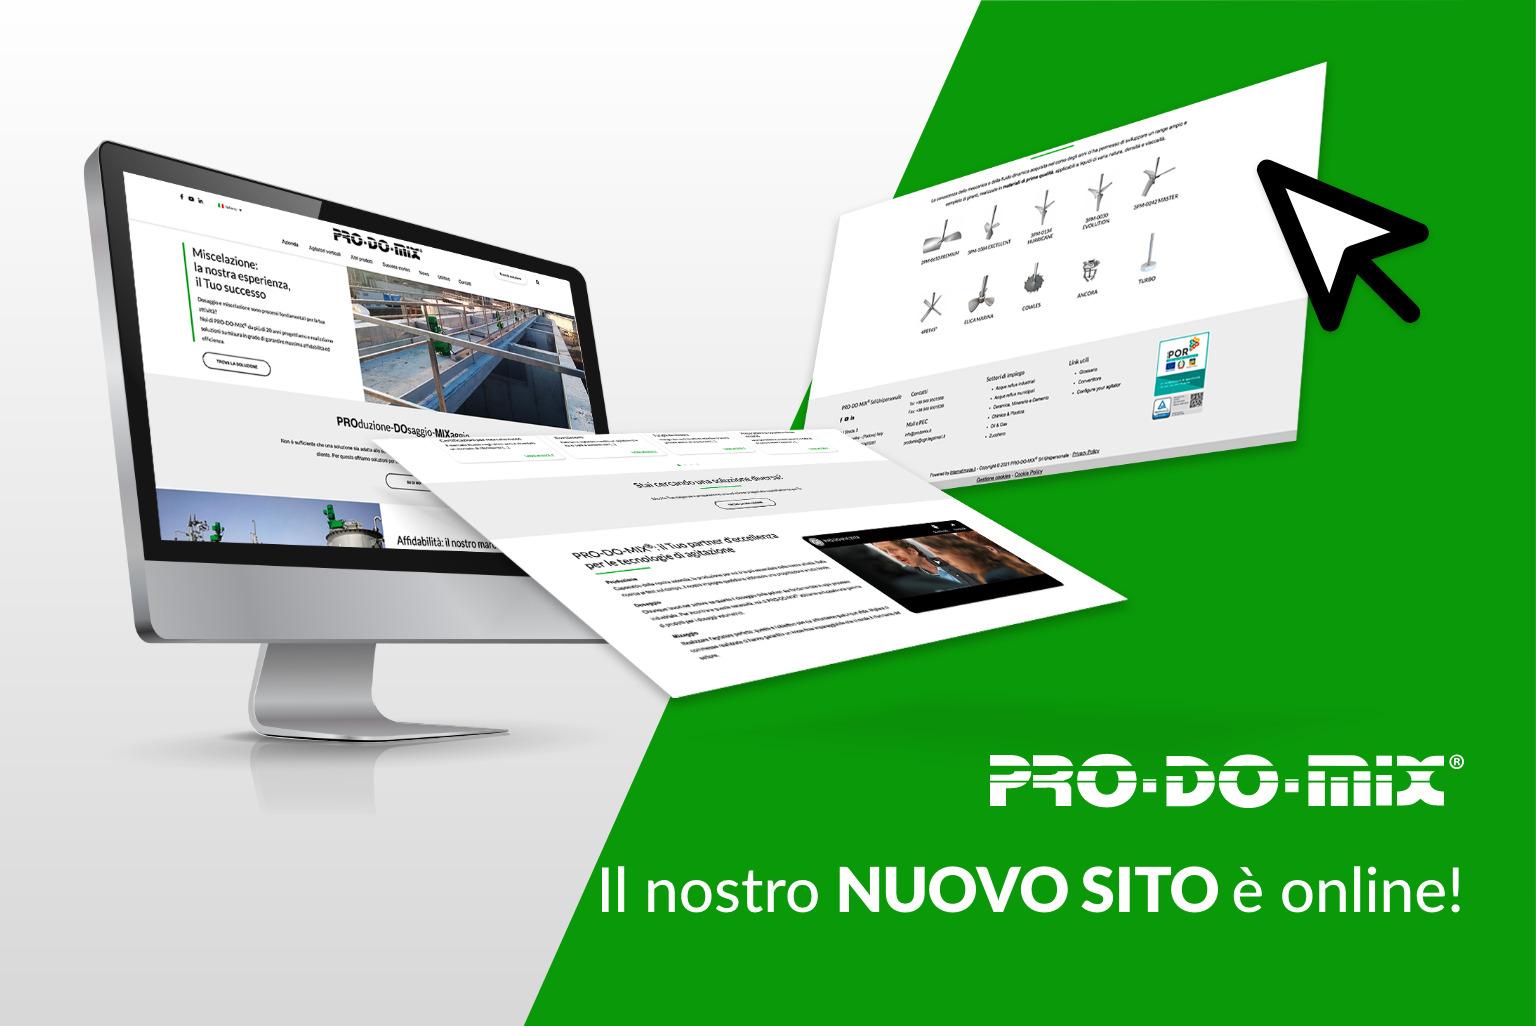 PRO-DO-MIX lancia il suo nuovo sito web!